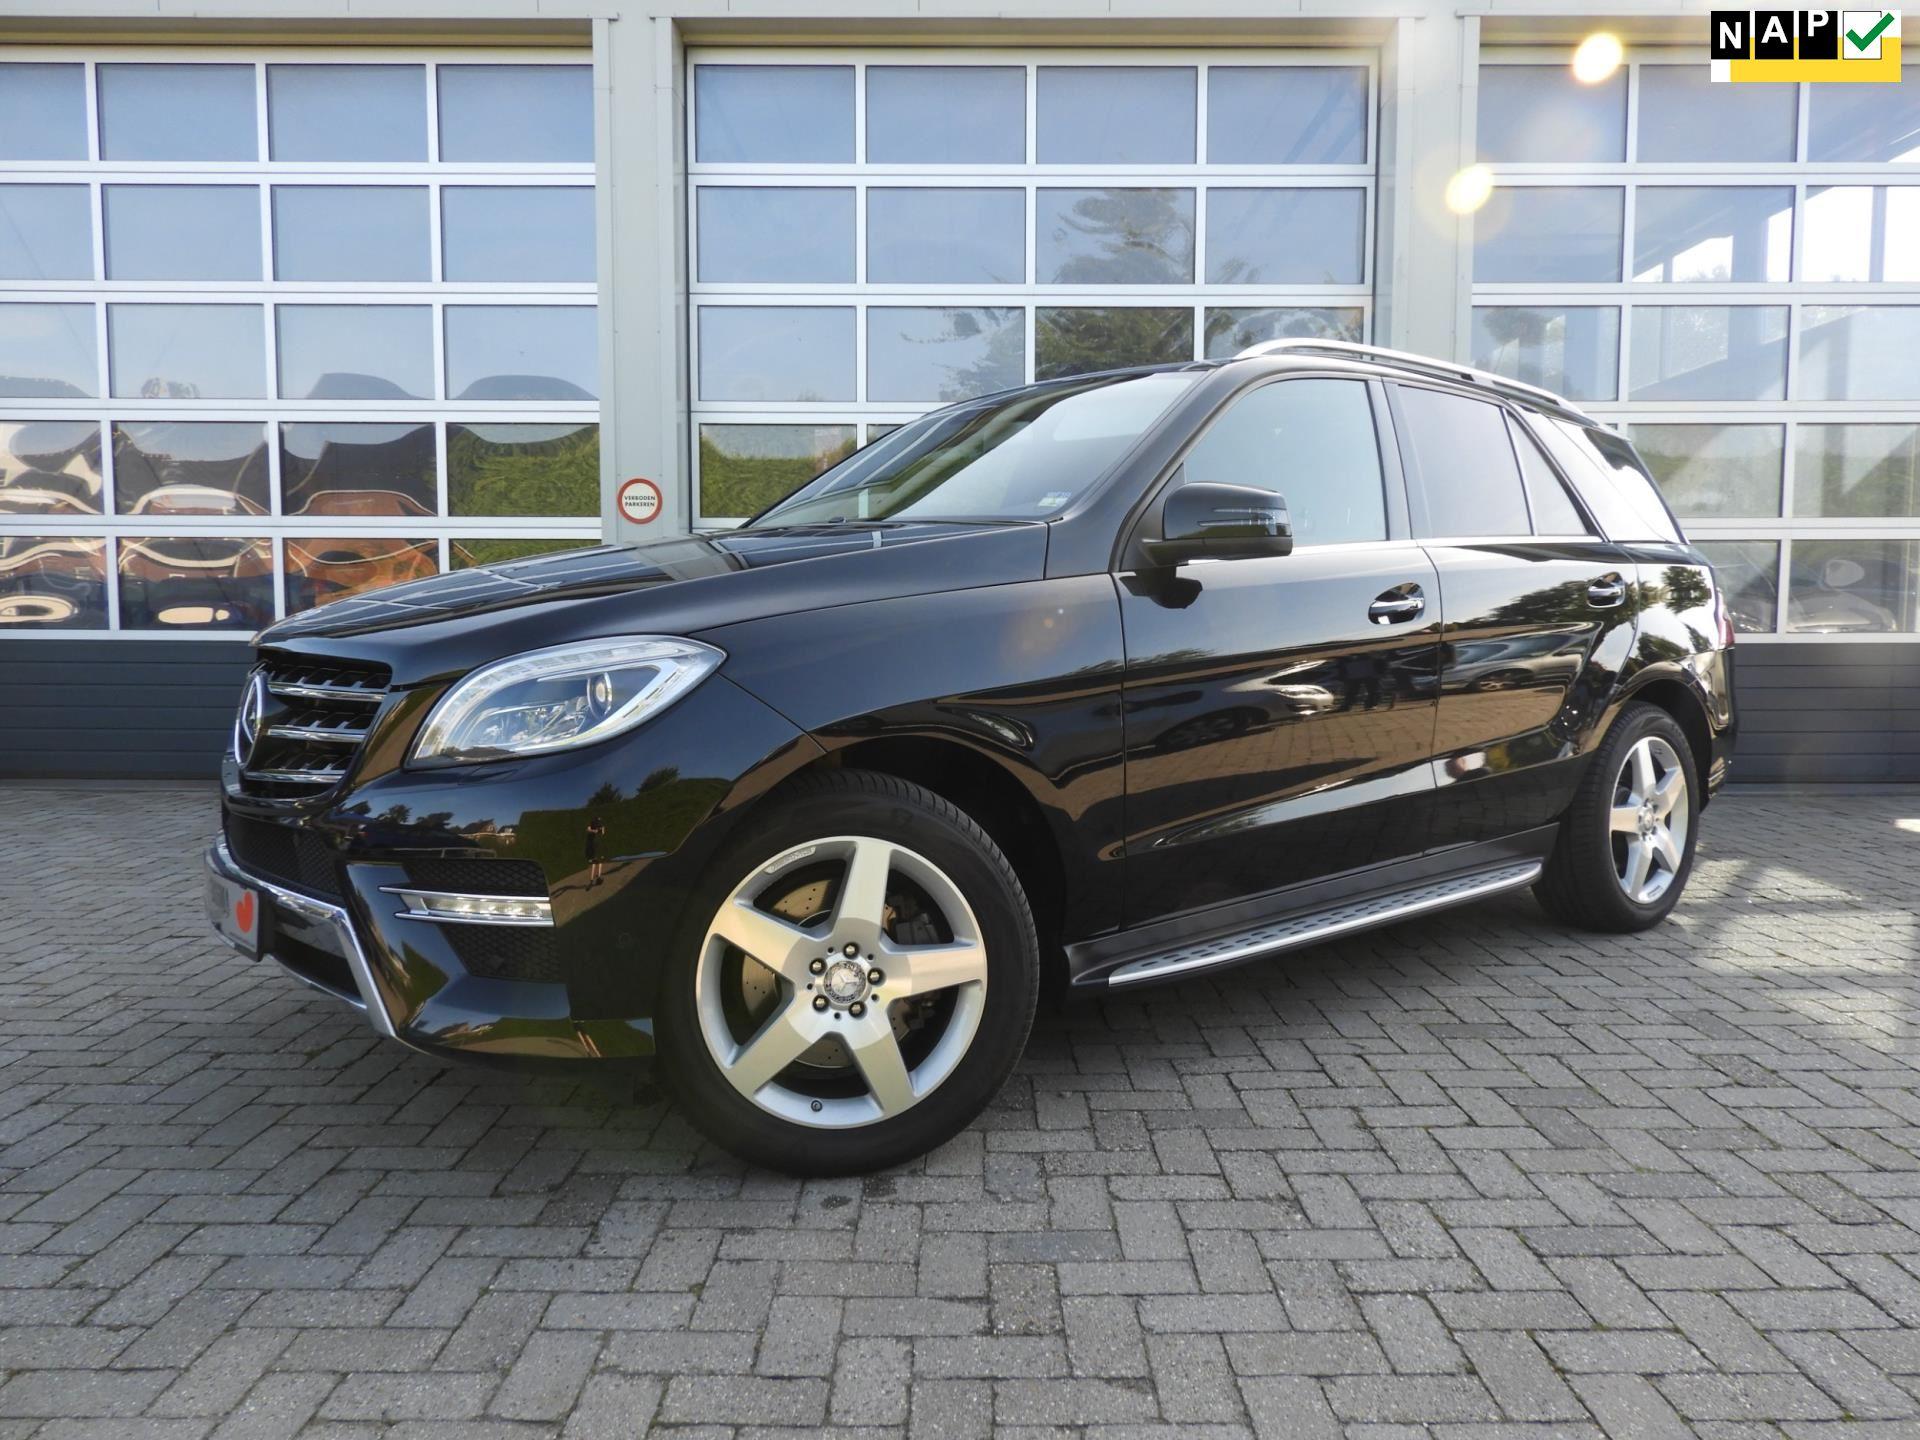 Mercedes-Benz ML 350 BLUETEC 4MATIC occasion - Bosma Auto's